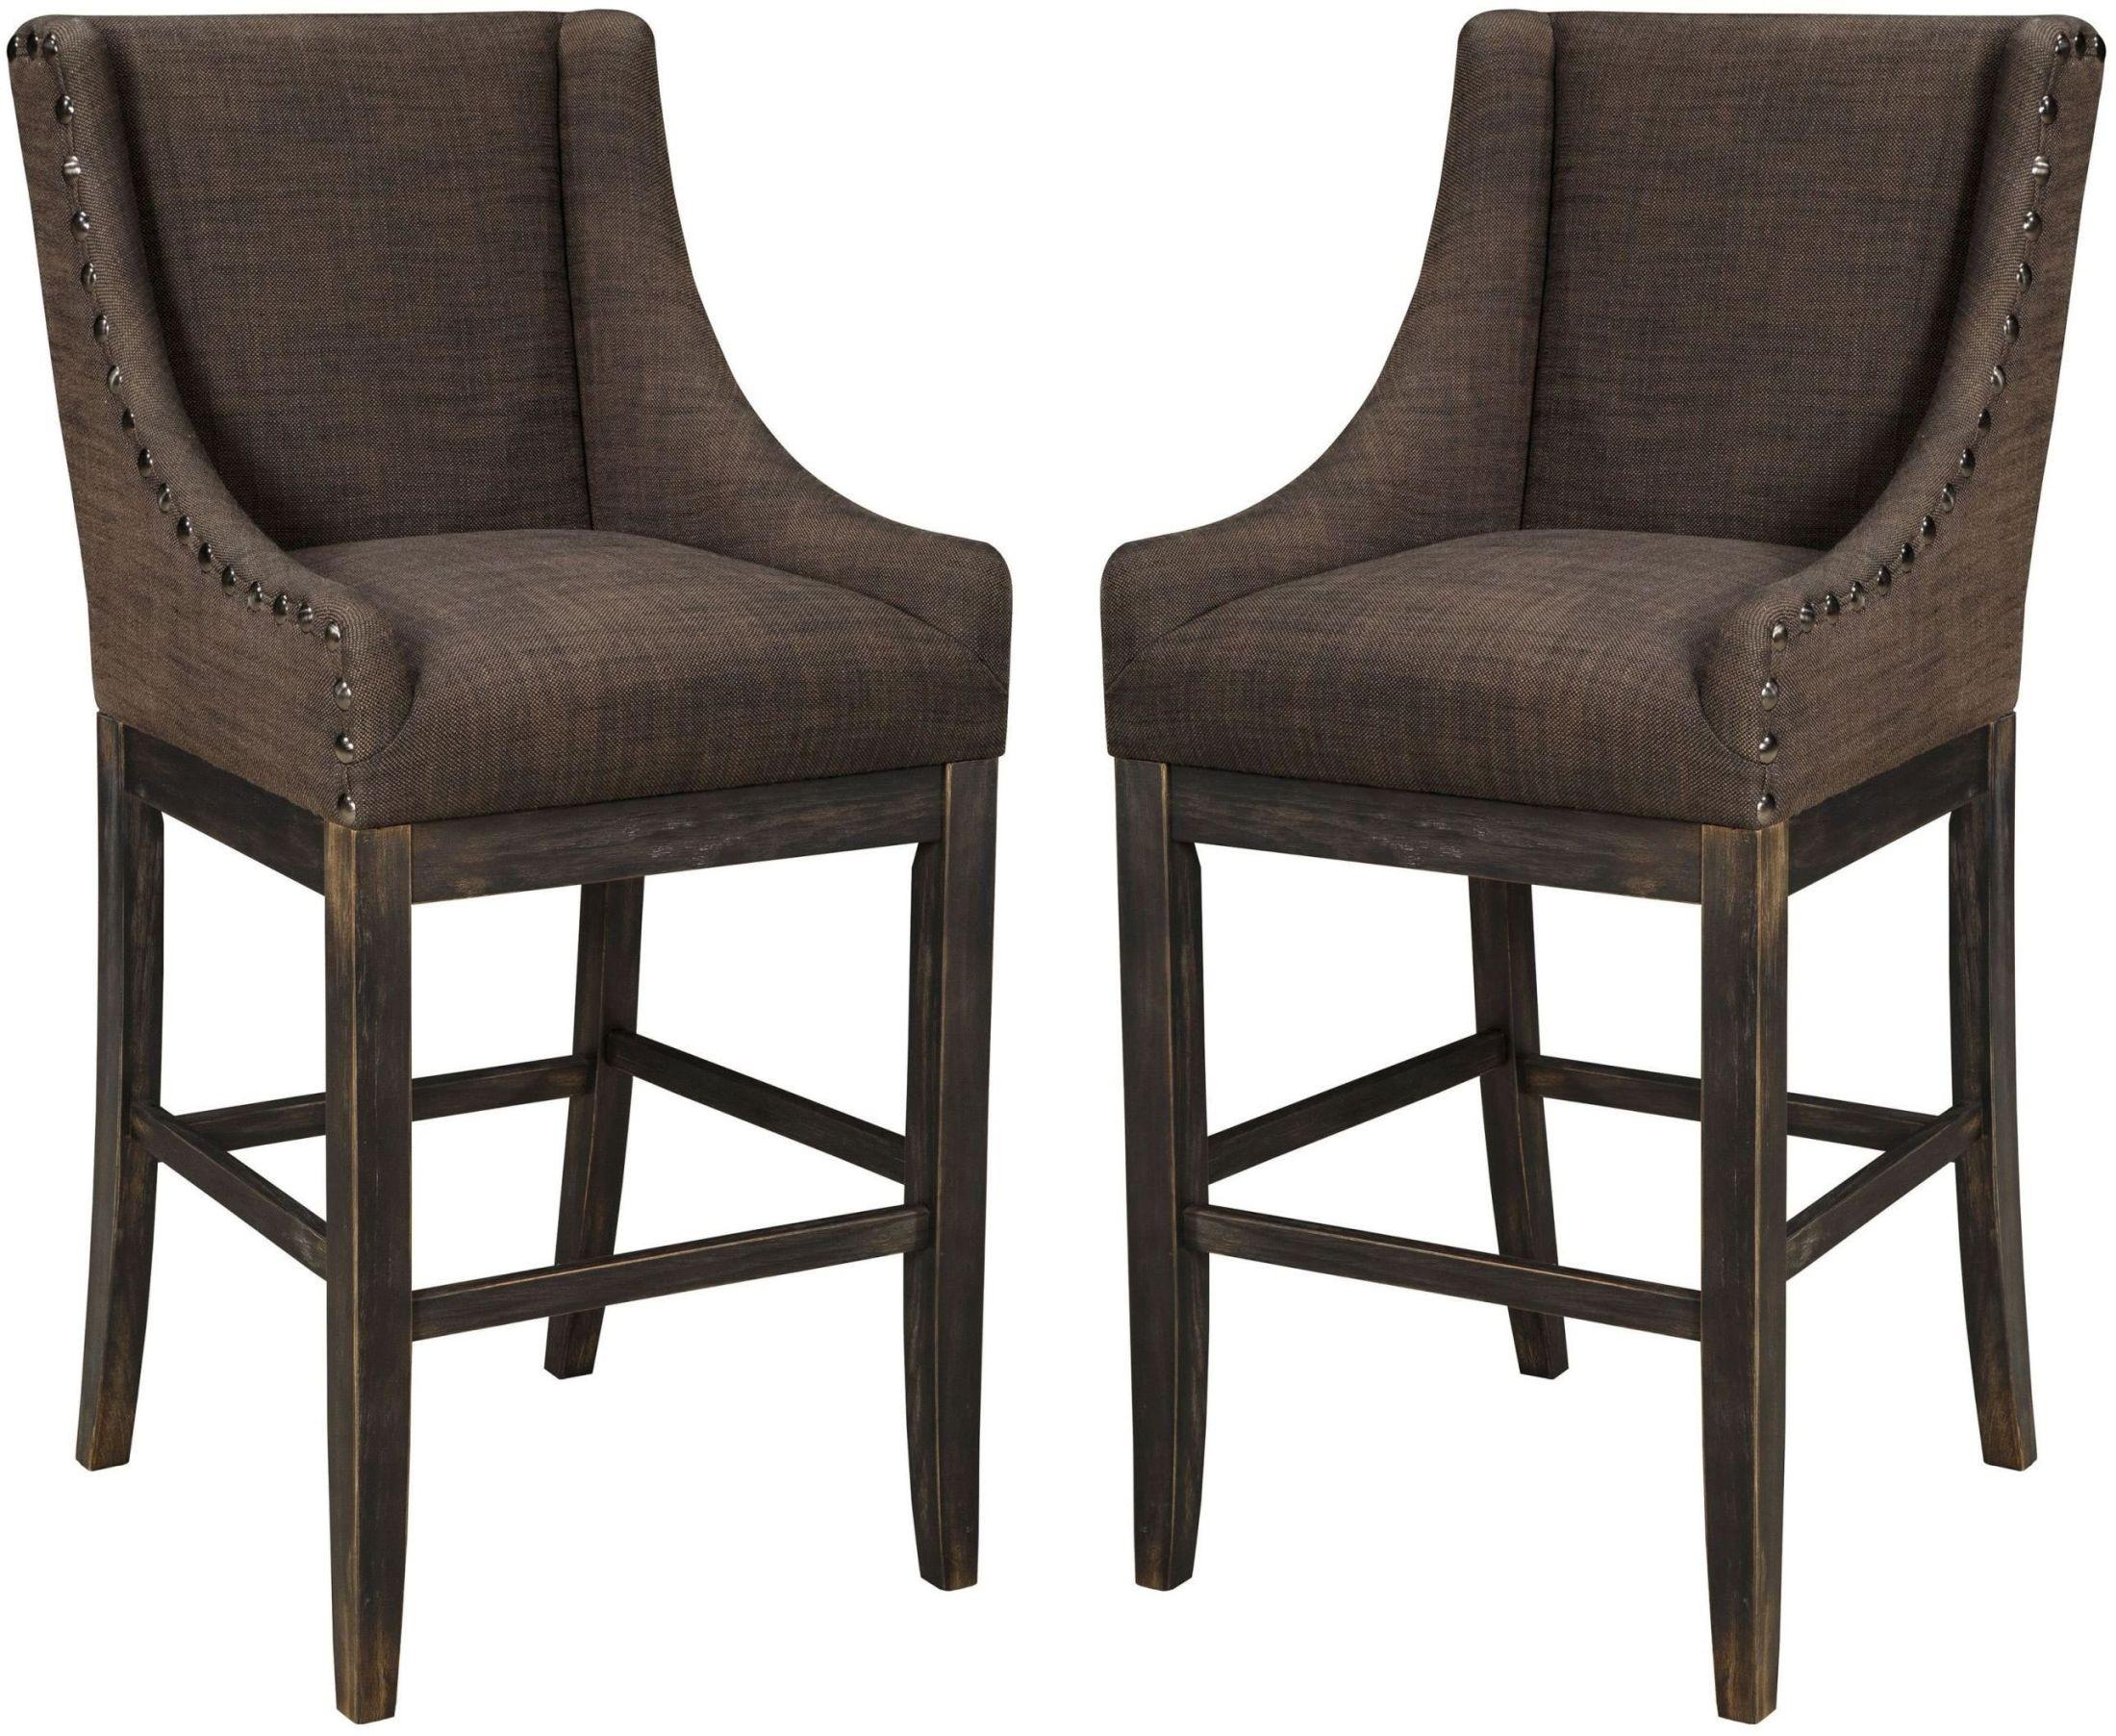 Moriann Dark Brown Tall Upholstered Barstool Set of 2 from Ashley